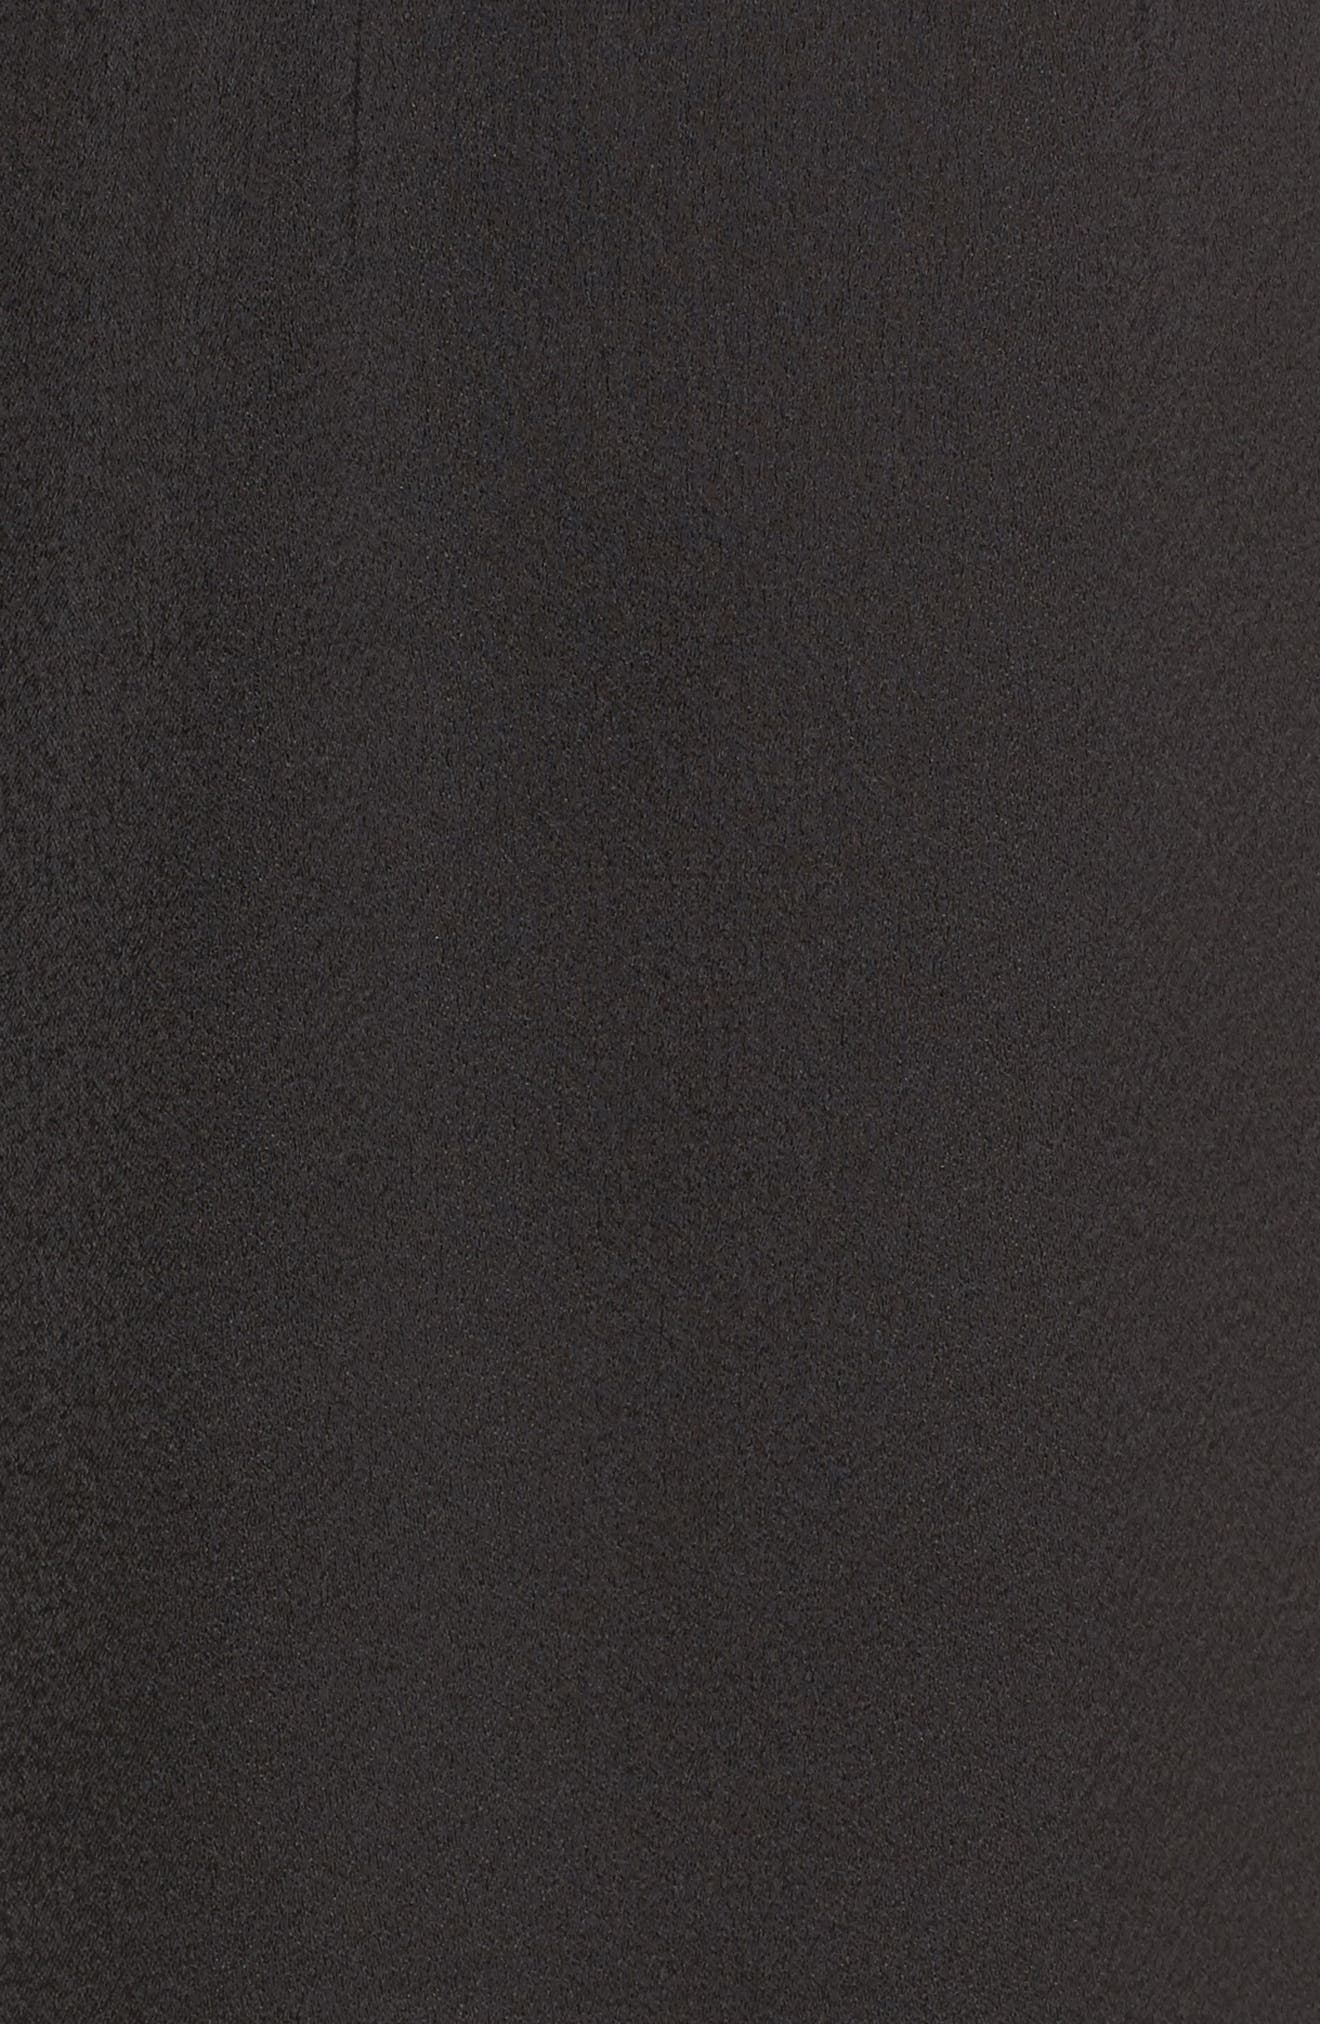 Melanie Strapless Jumpsuit,                             Alternate thumbnail 9, color,